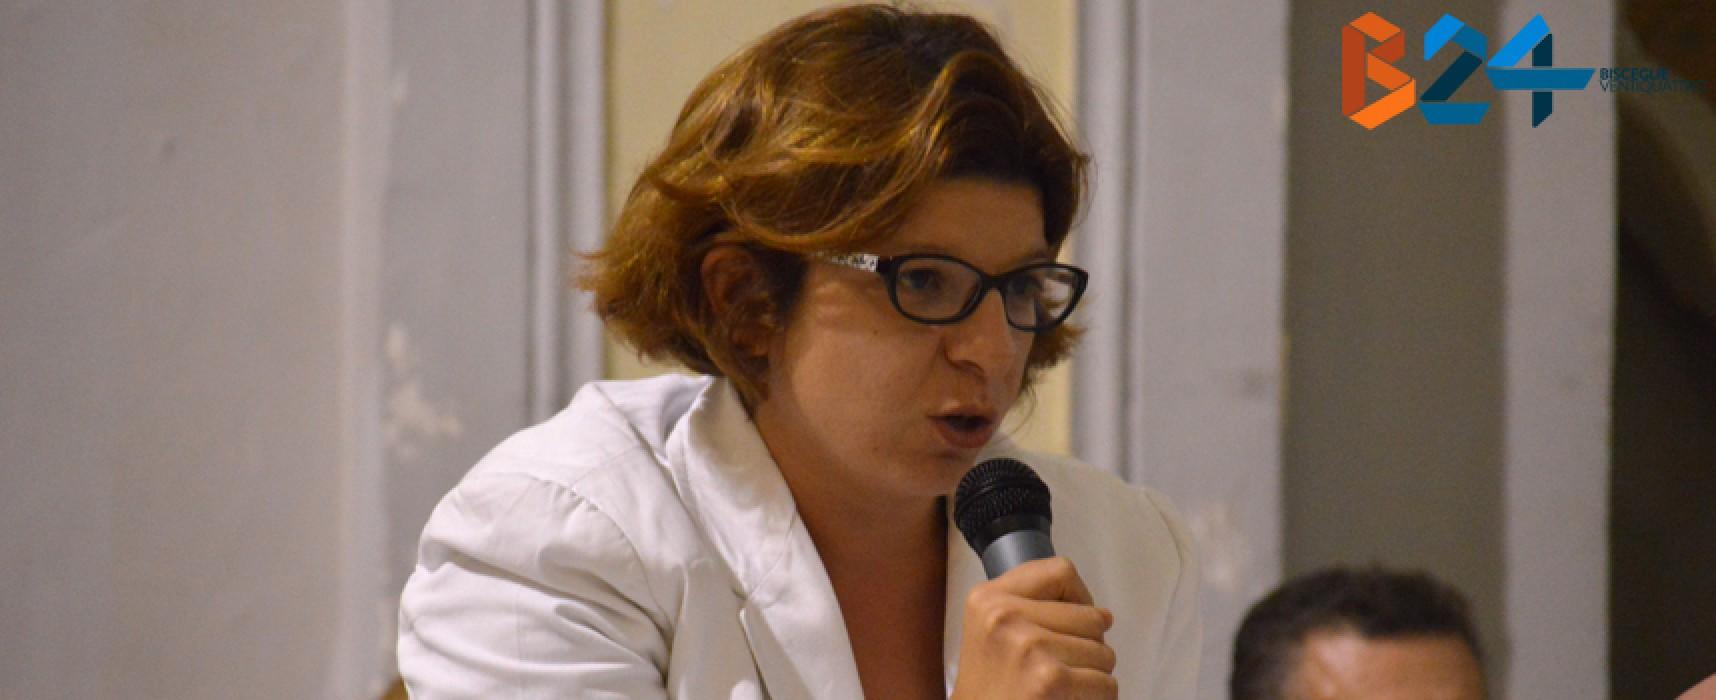 Inaspettato strappo tra il consigliere di maggioranza Samanta Dell'Orco e il sindaco Spina